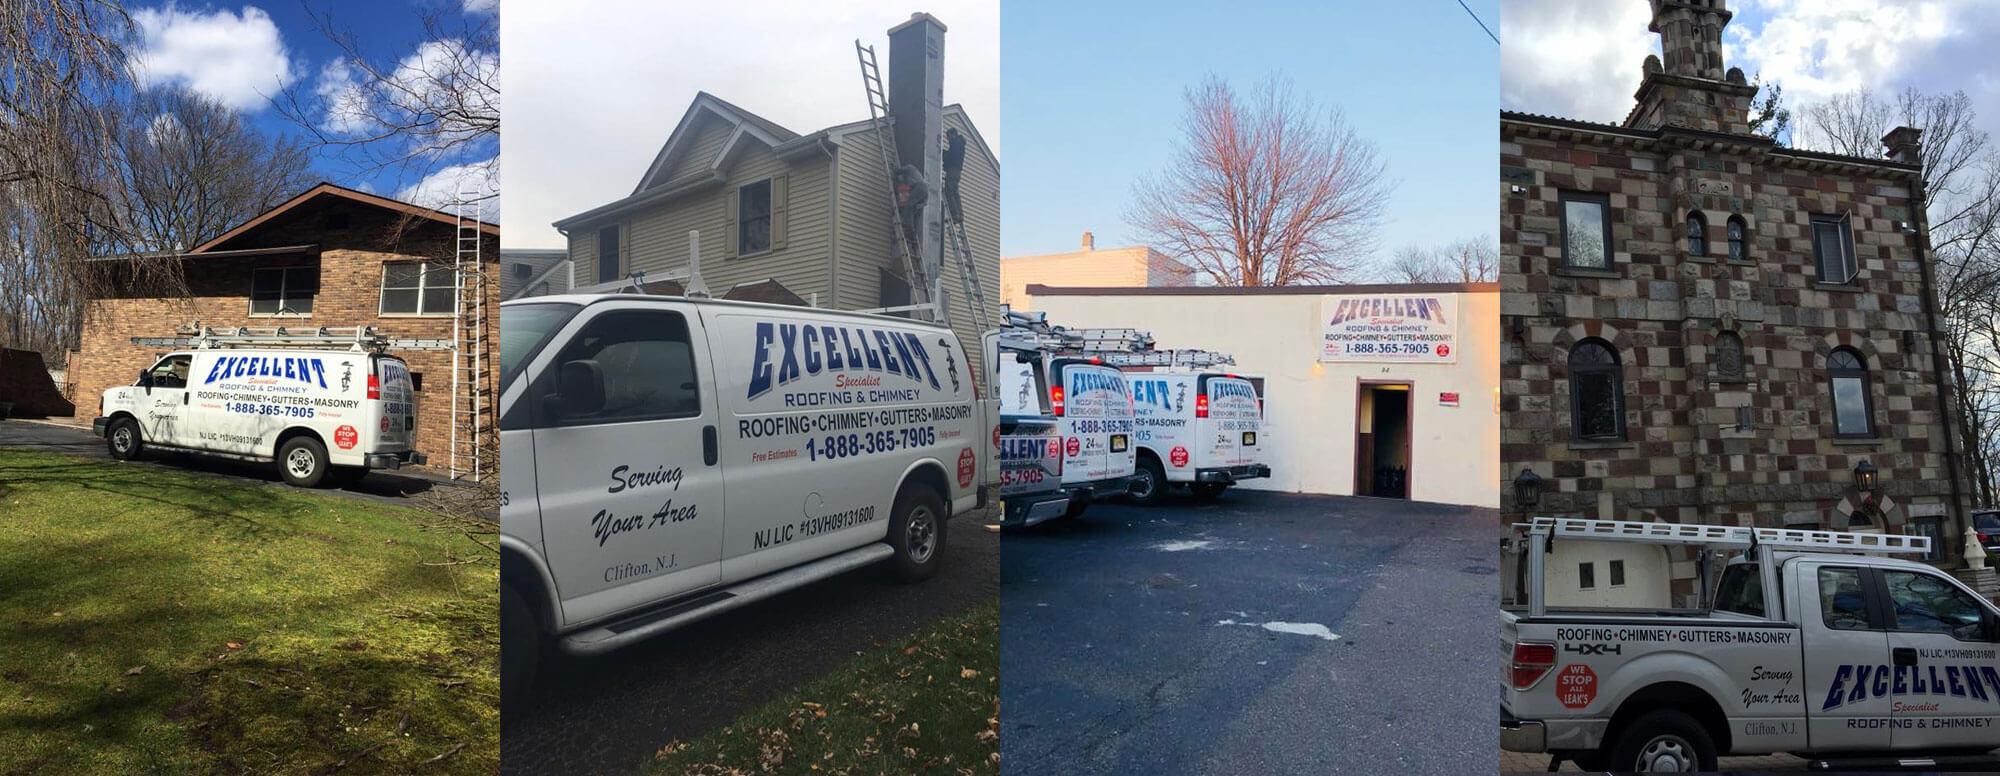 Emergency Roof Repair Roof Tarp Installation Nj